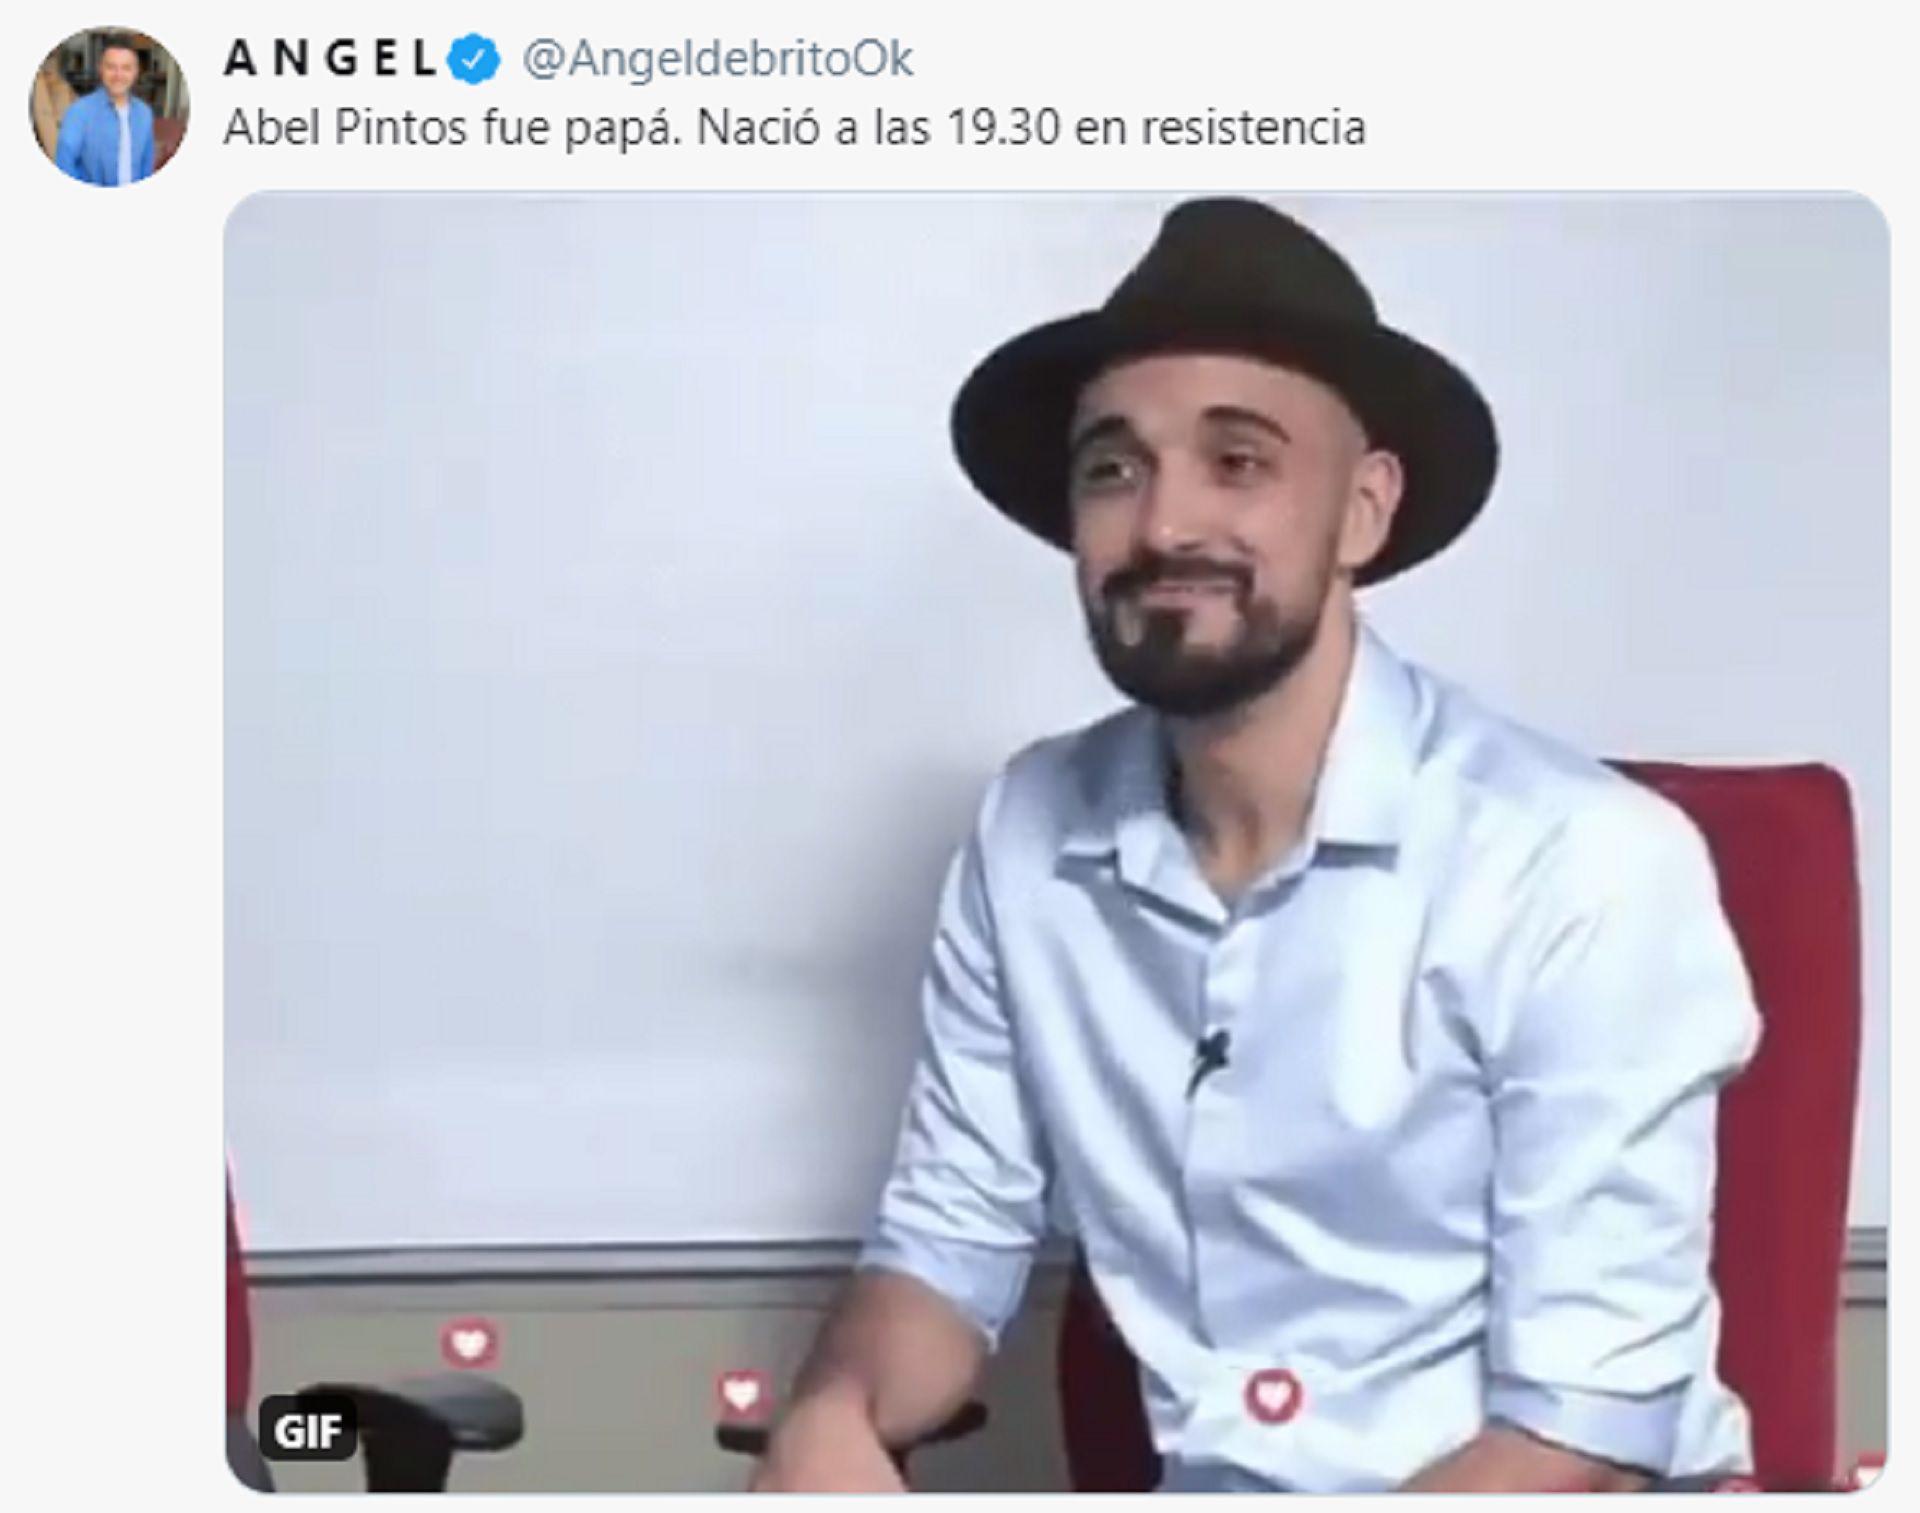 El tuit de Ángel de Brito donde anuncia el nacimiento de Agustín, el hijo de Abel Pintos